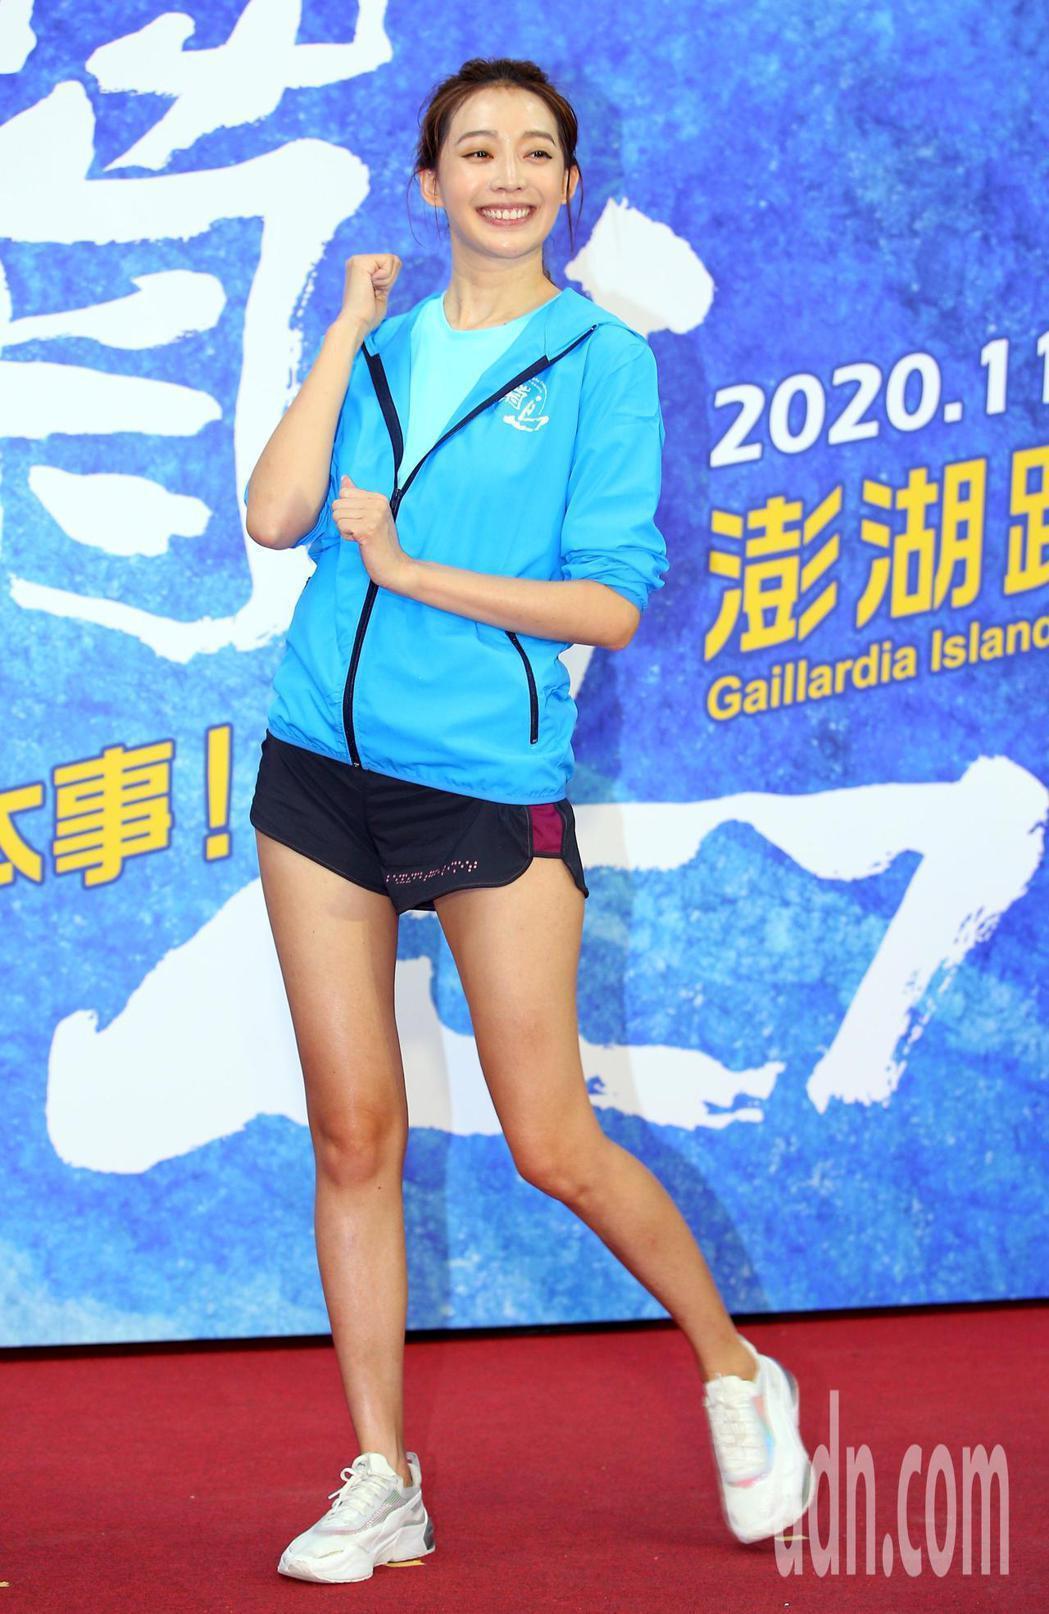 運動名模王心恬代言2020菊島澎湖跨海馬拉松。記者余承翰/攝影